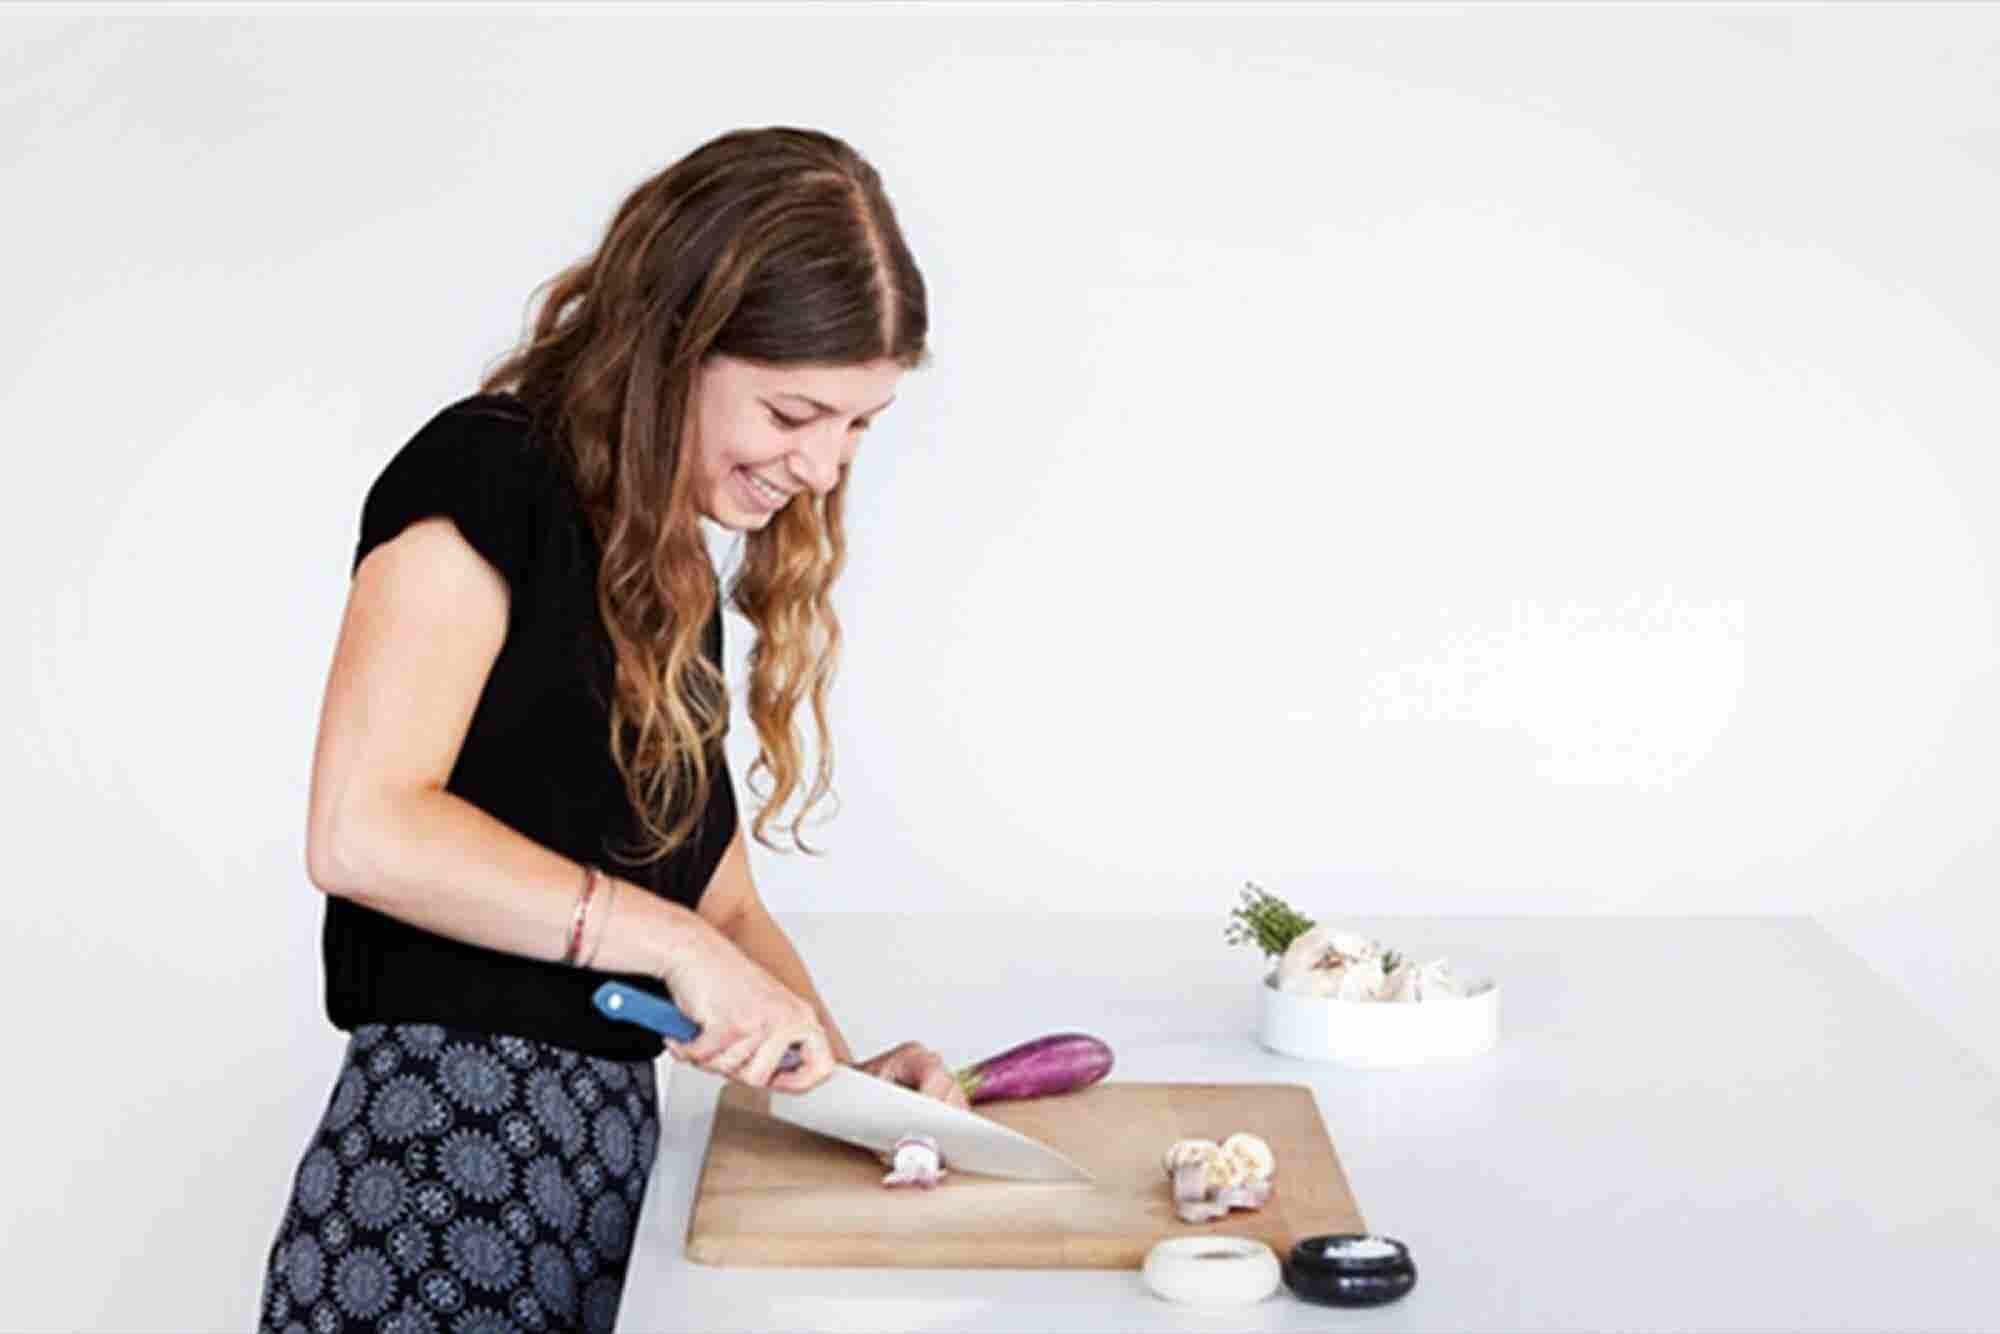 This Luxe Kitchen Knife Just Raised $1 Million on Kickstarter